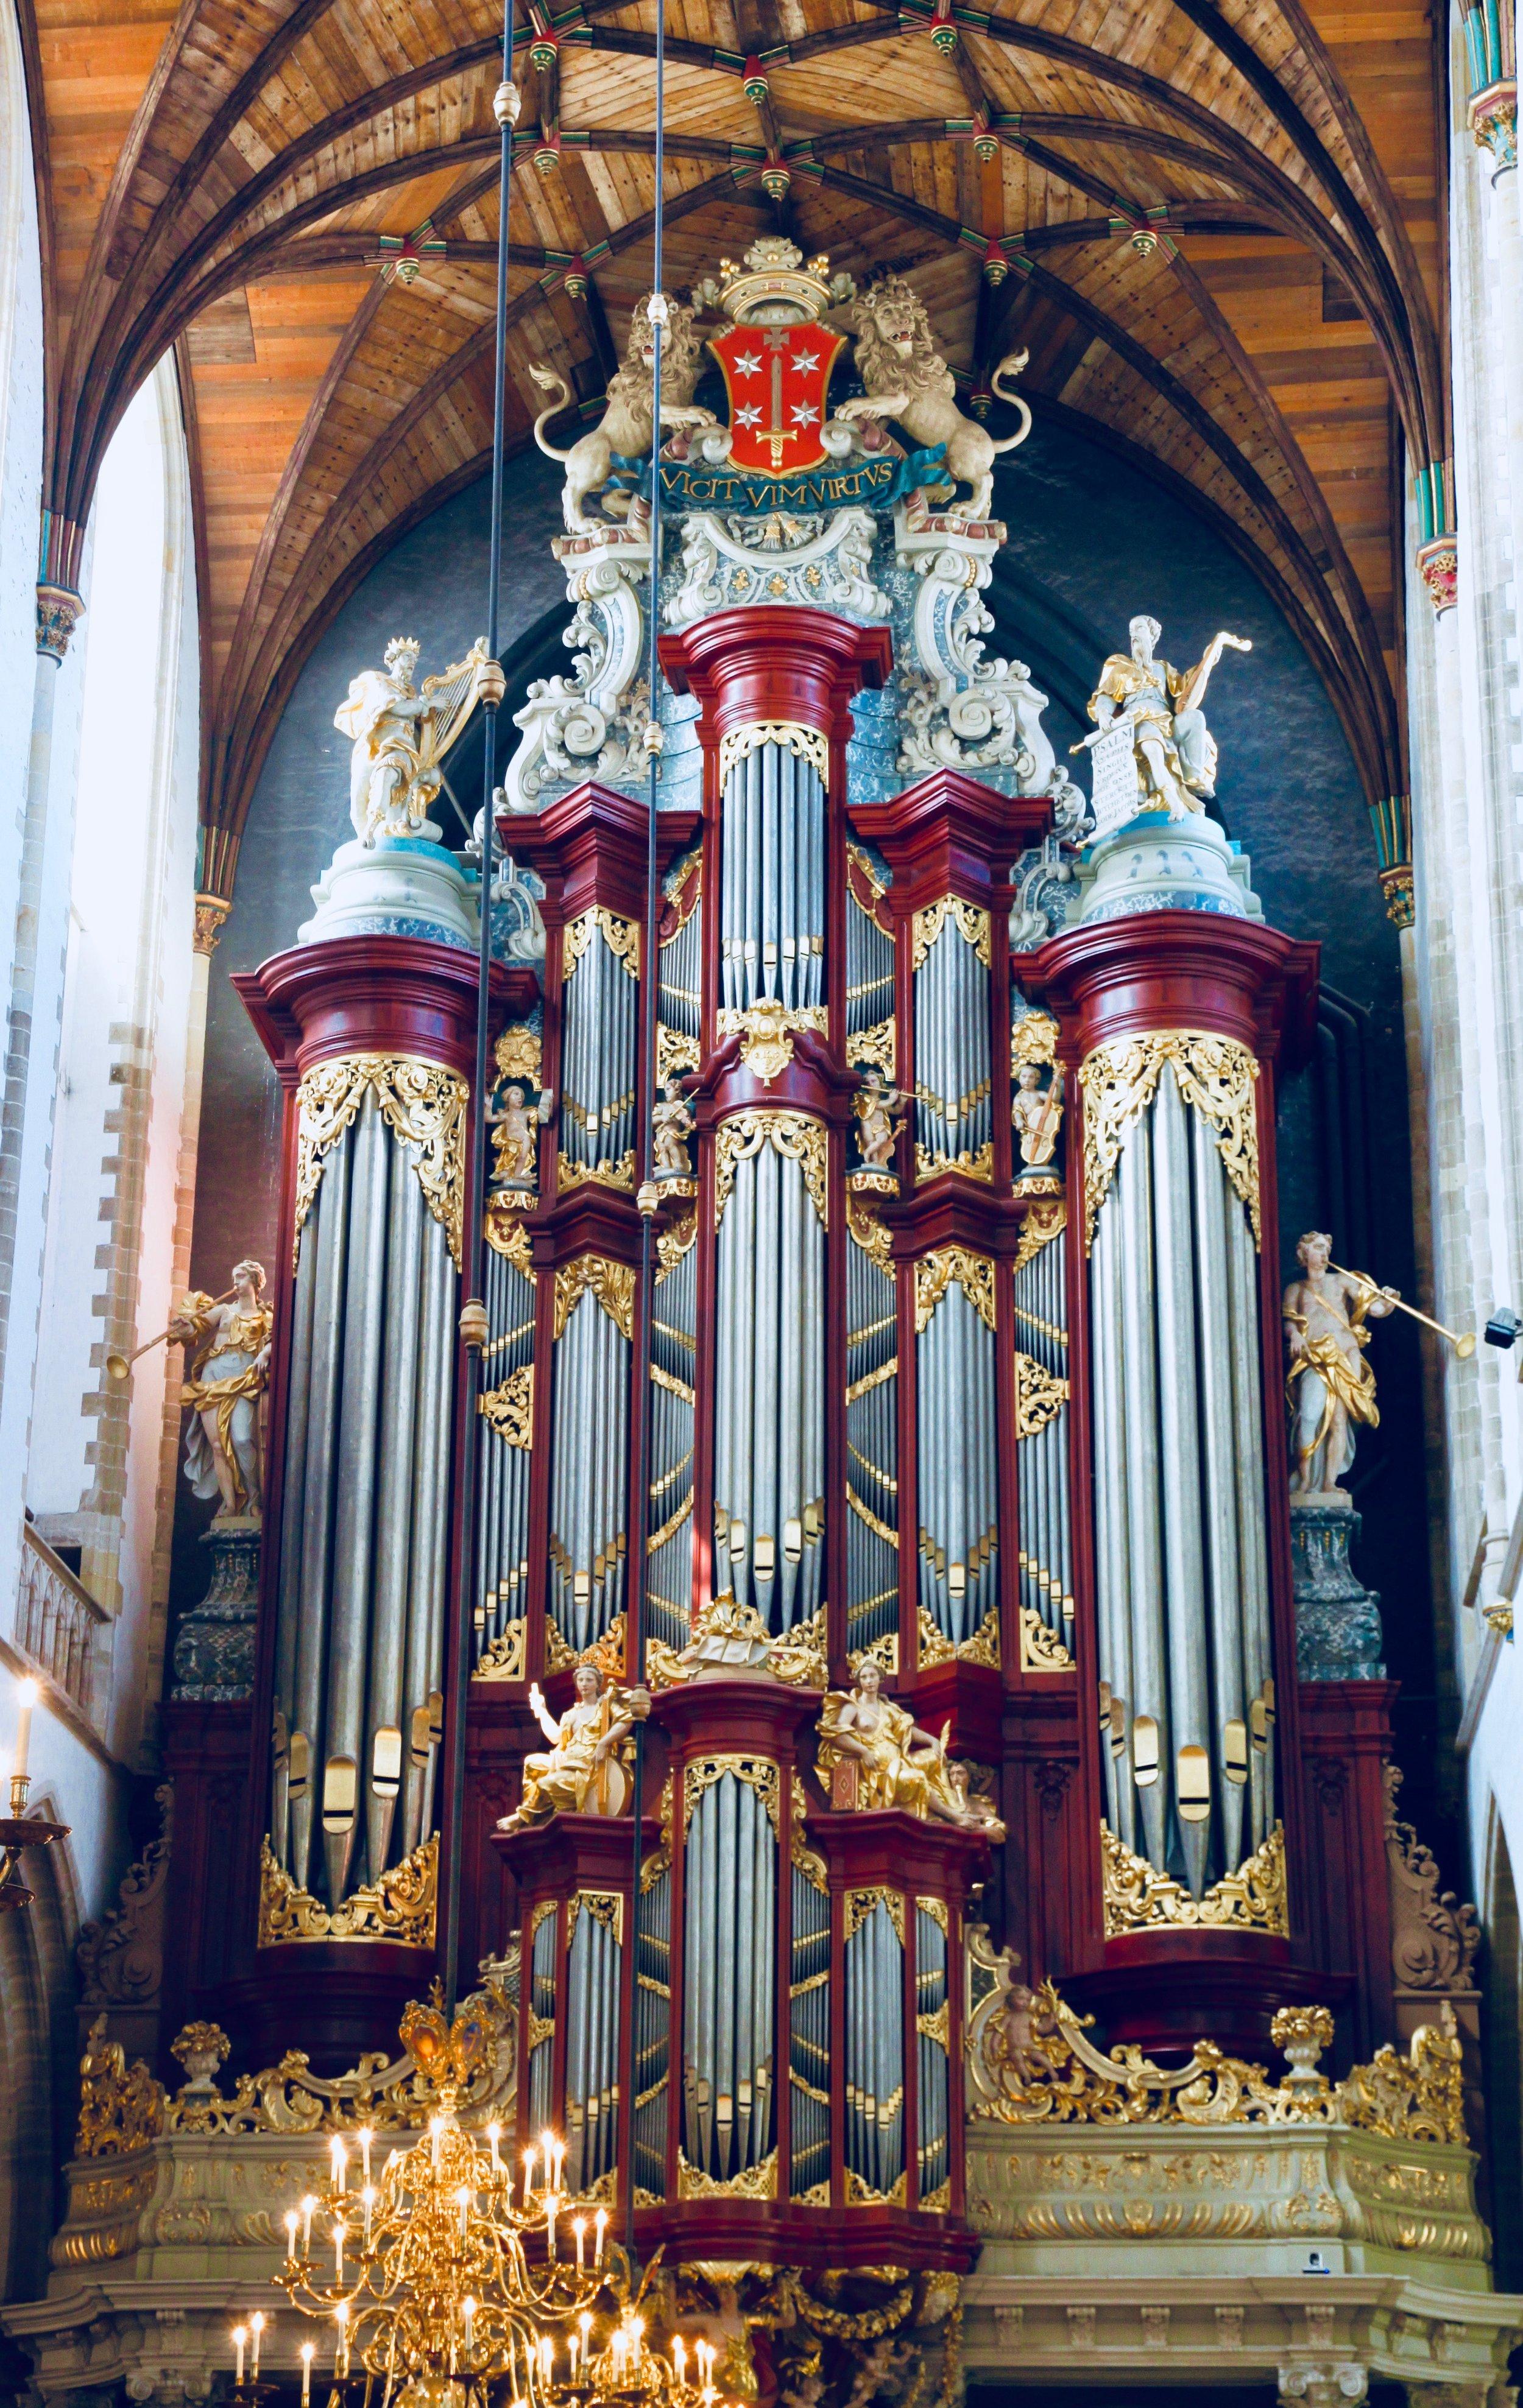 The facade of the Christian Muller organ at St.-Bavokerk, Haarlem